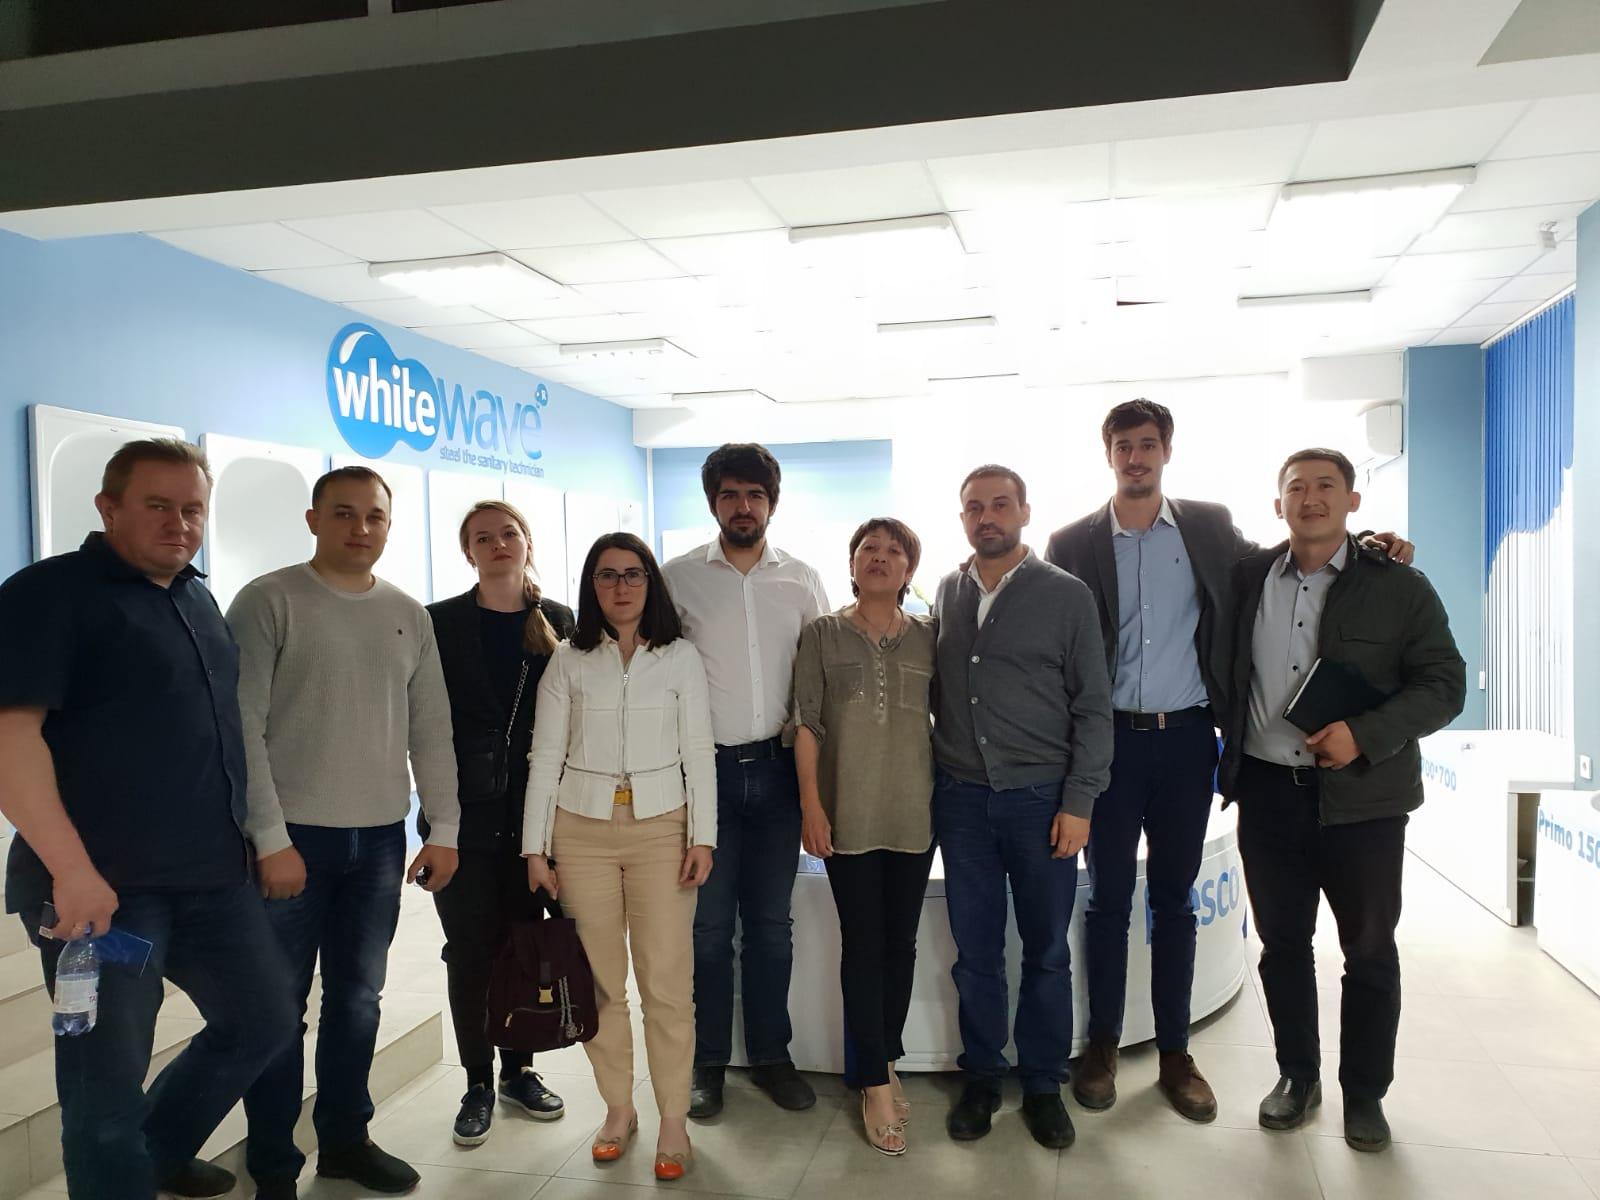 imagen 3 de noticia: resumen-de-la-misin-a-kazajistn-organizada-por-eraikune-en-la-que-hemos-participado